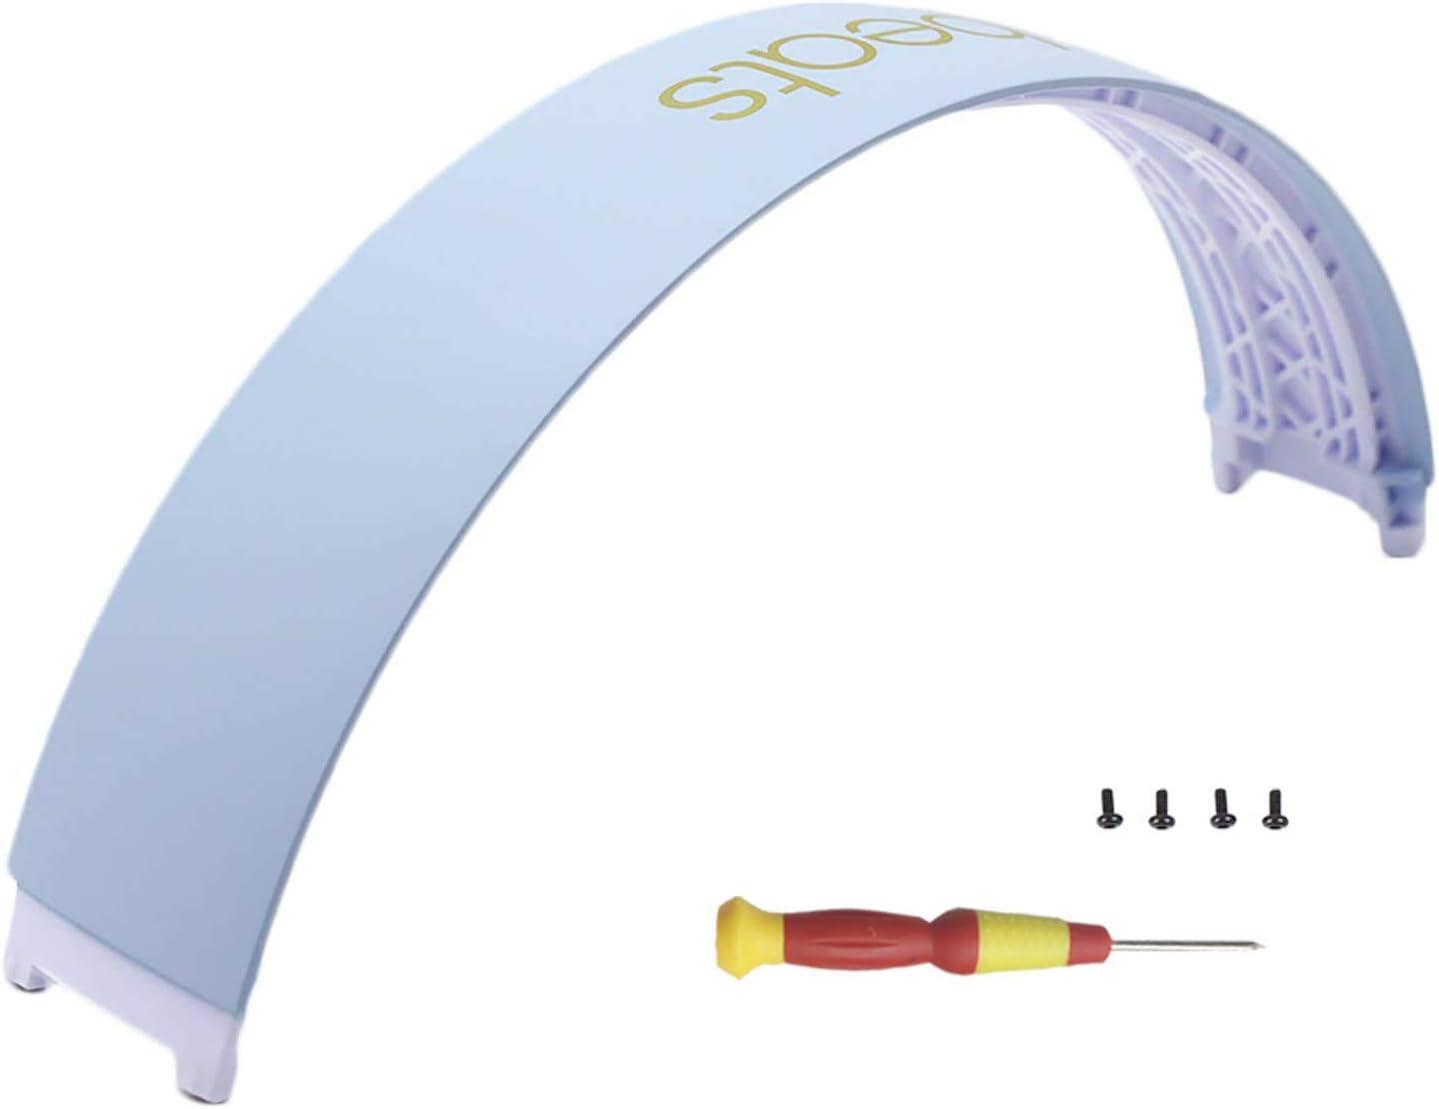 Adhiper Repuesto de banda para la cabeza de Studio 3 compatible con auriculares inalámbricos Studio 3.0 Wireless Studio 2.0 (azul cristalino)